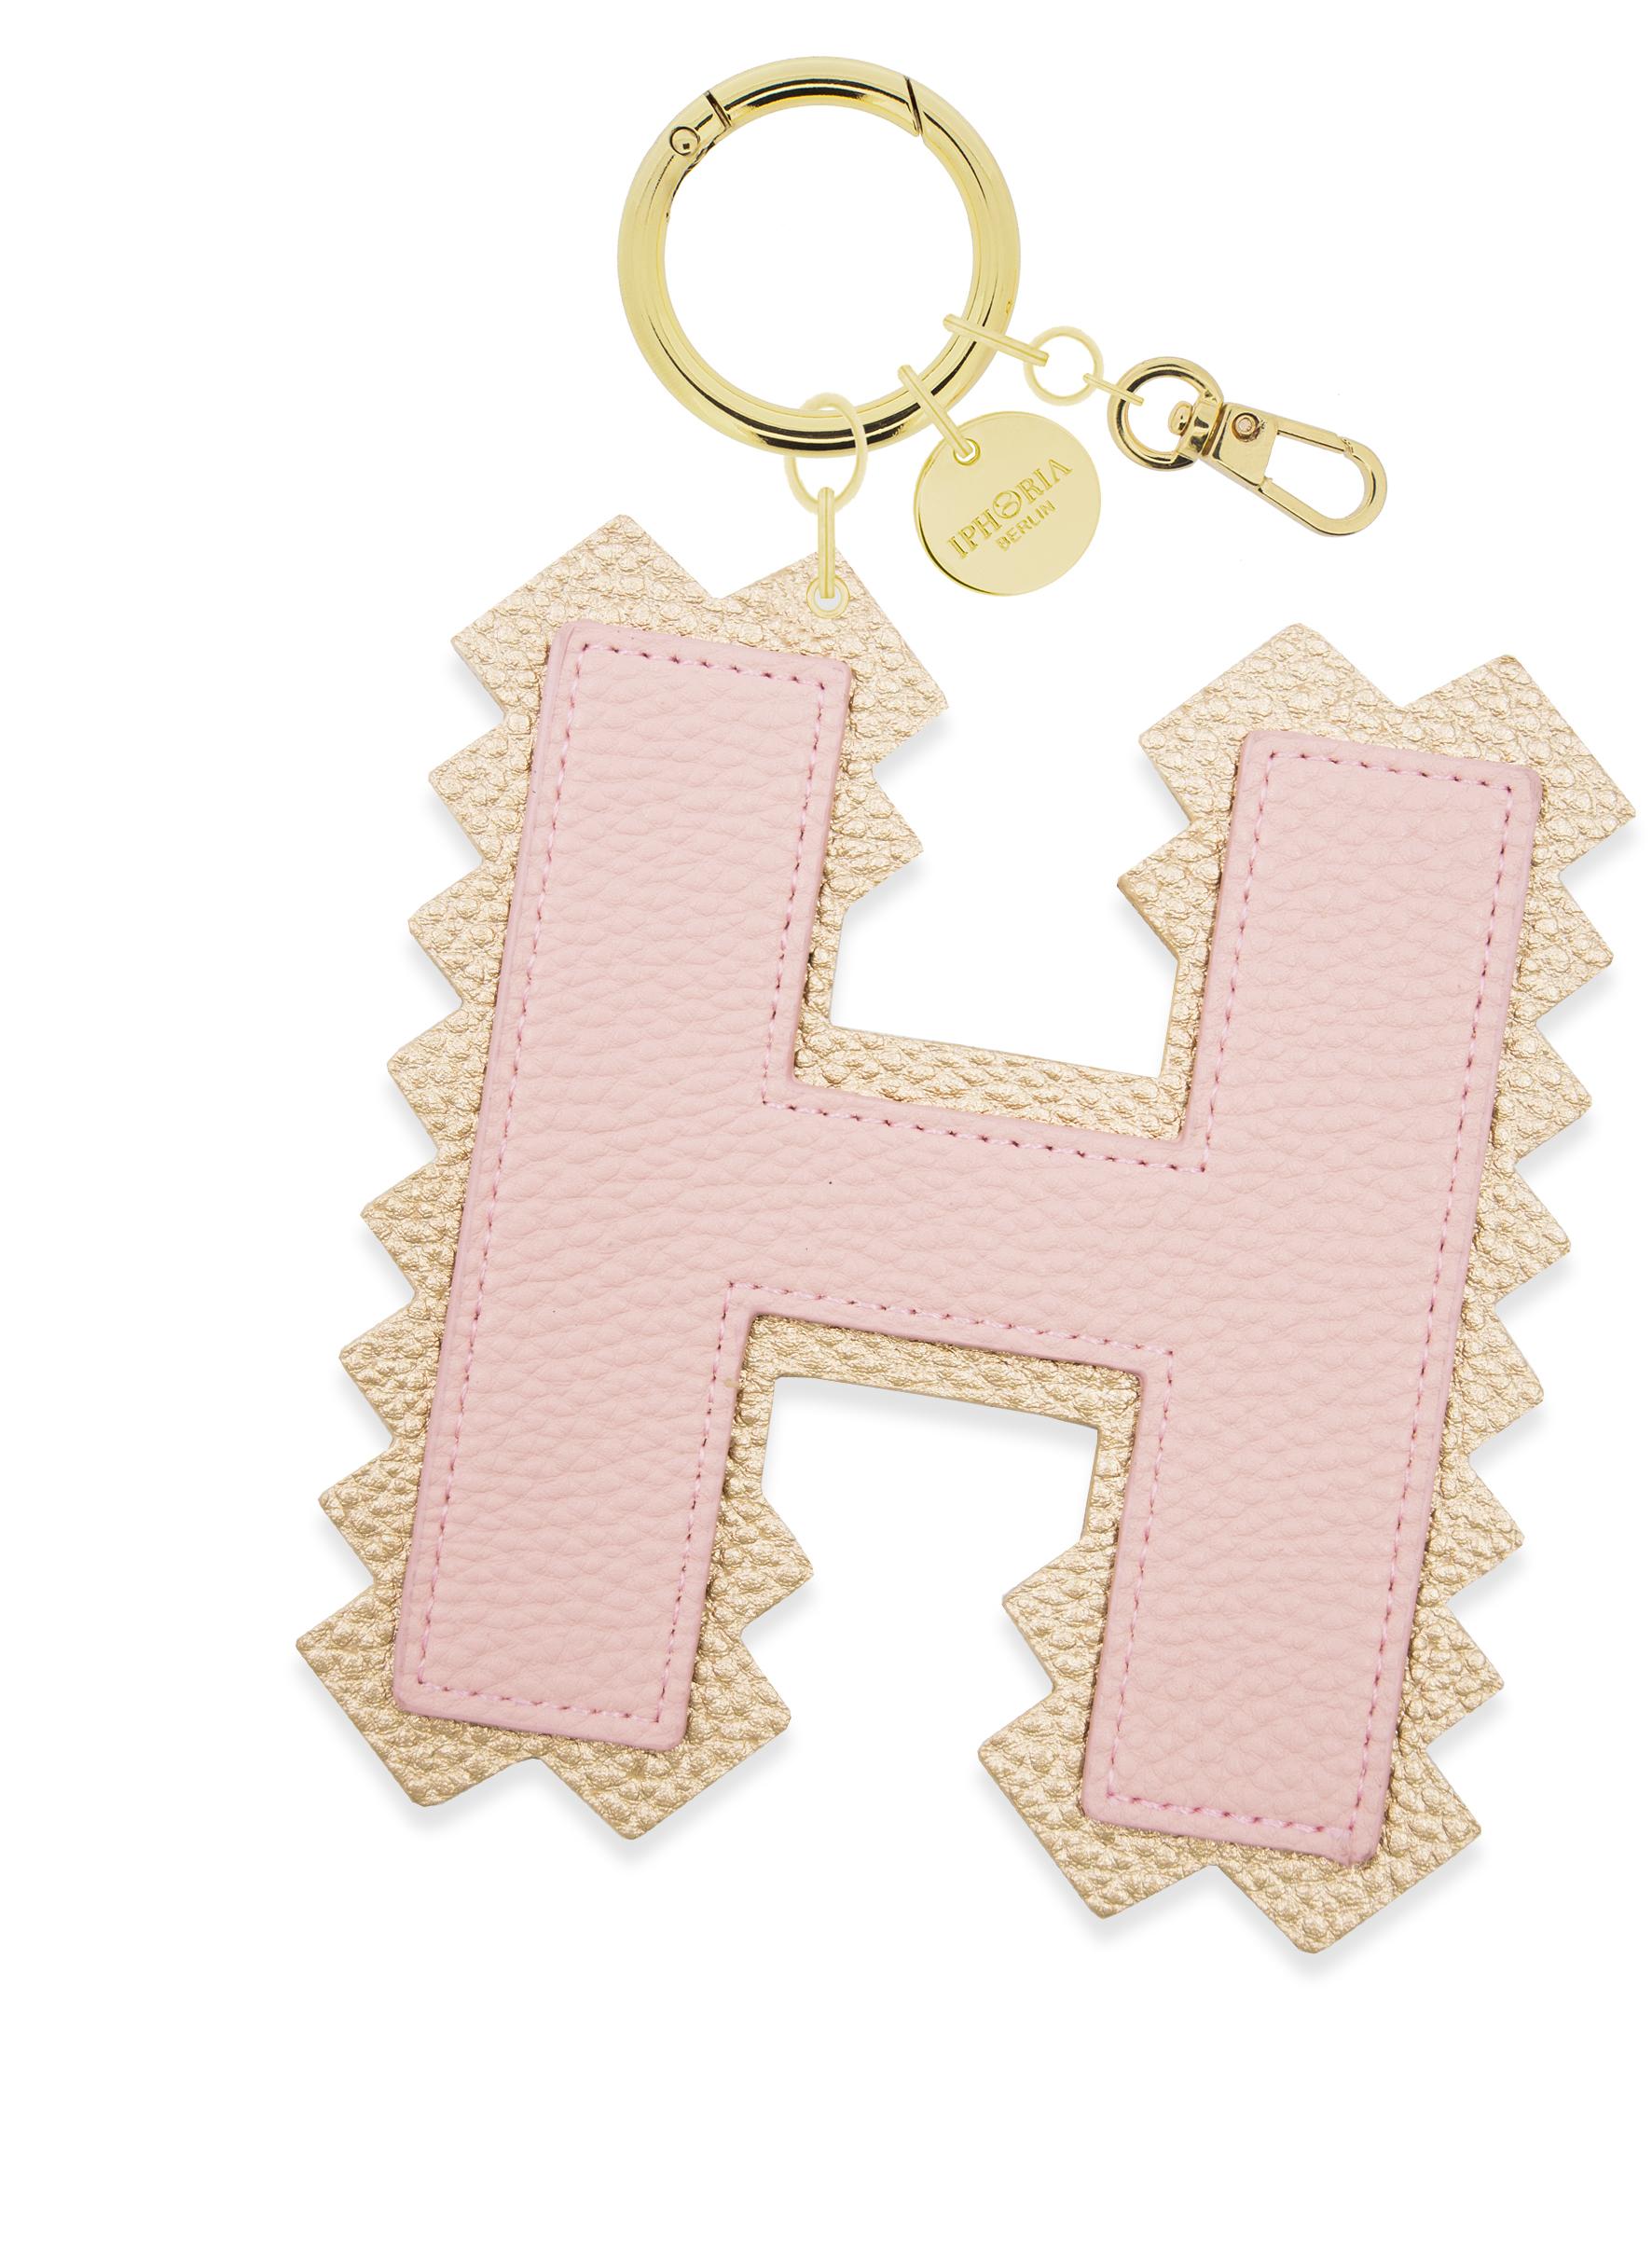 H Letter Images.Xl Bag Charm Rose Letter H